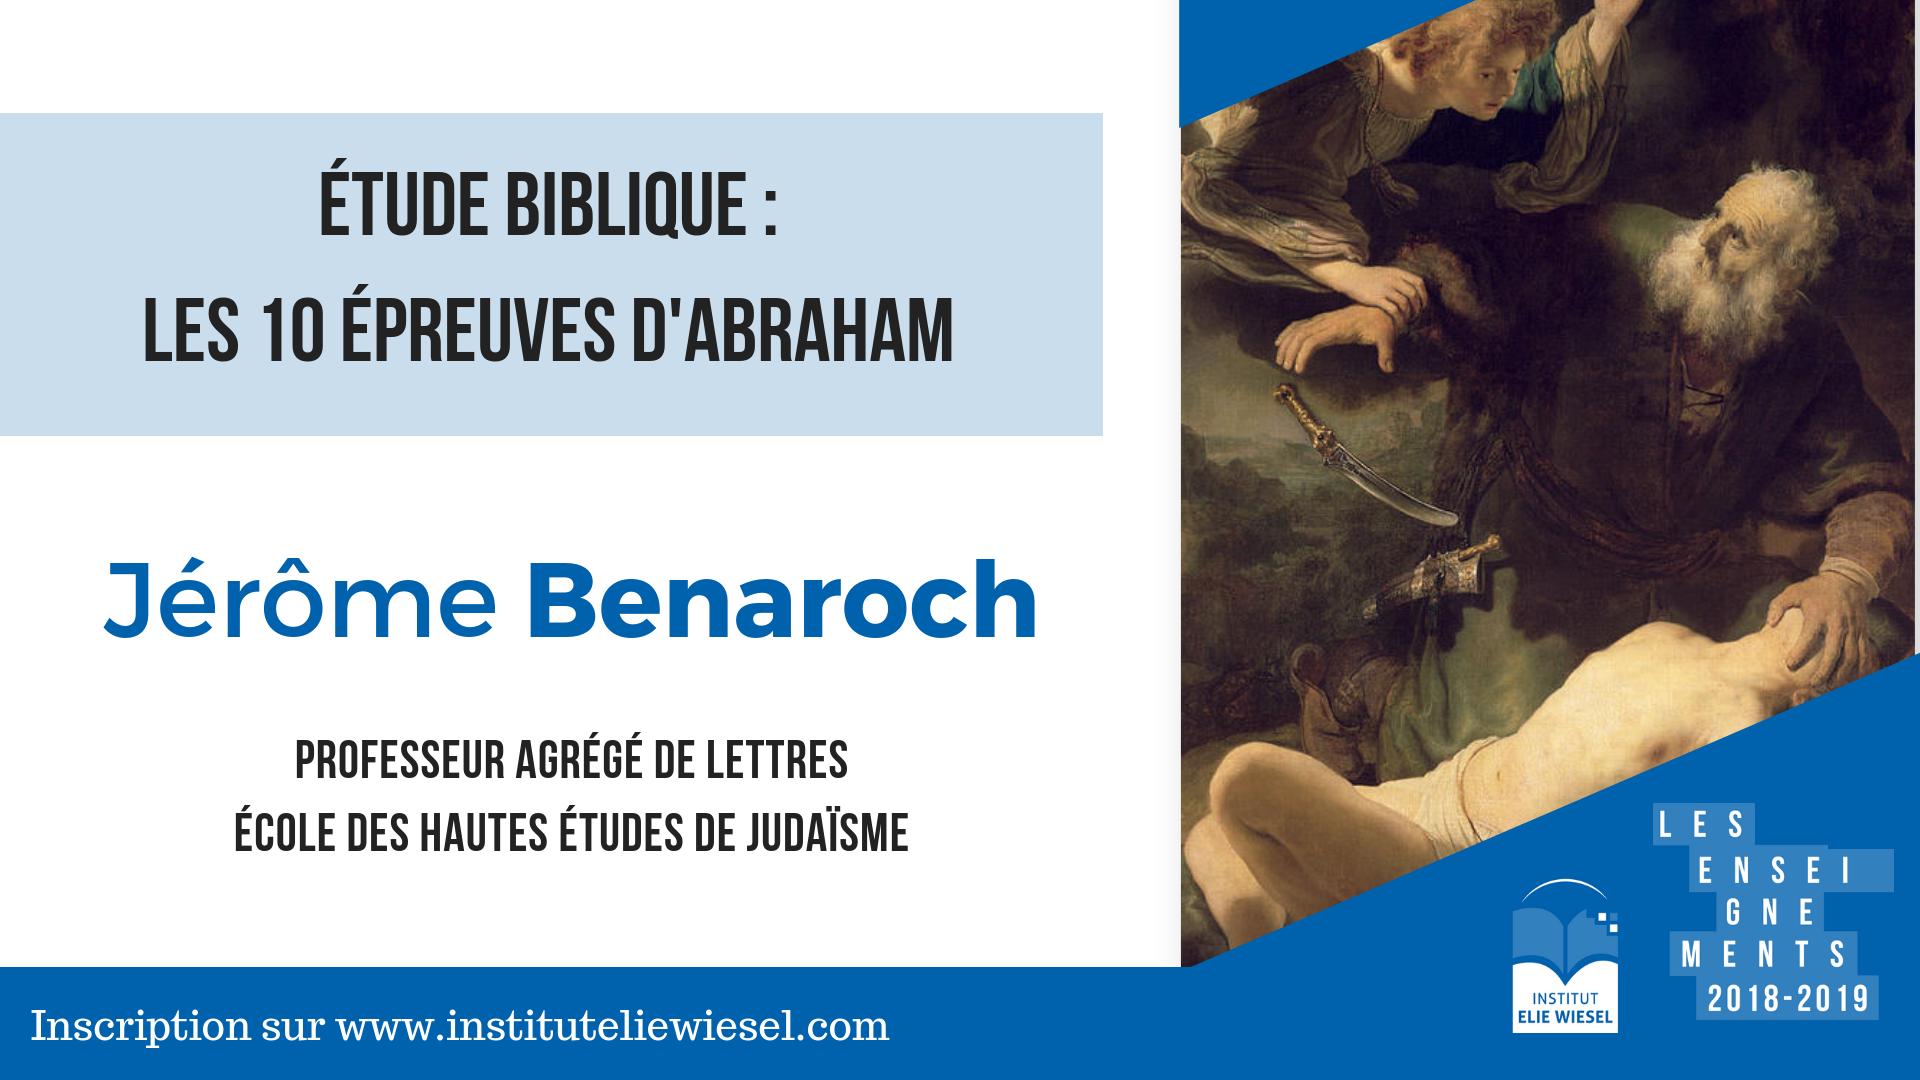 Les 10 épreuves d'abraham, avec Jérome Benarroch